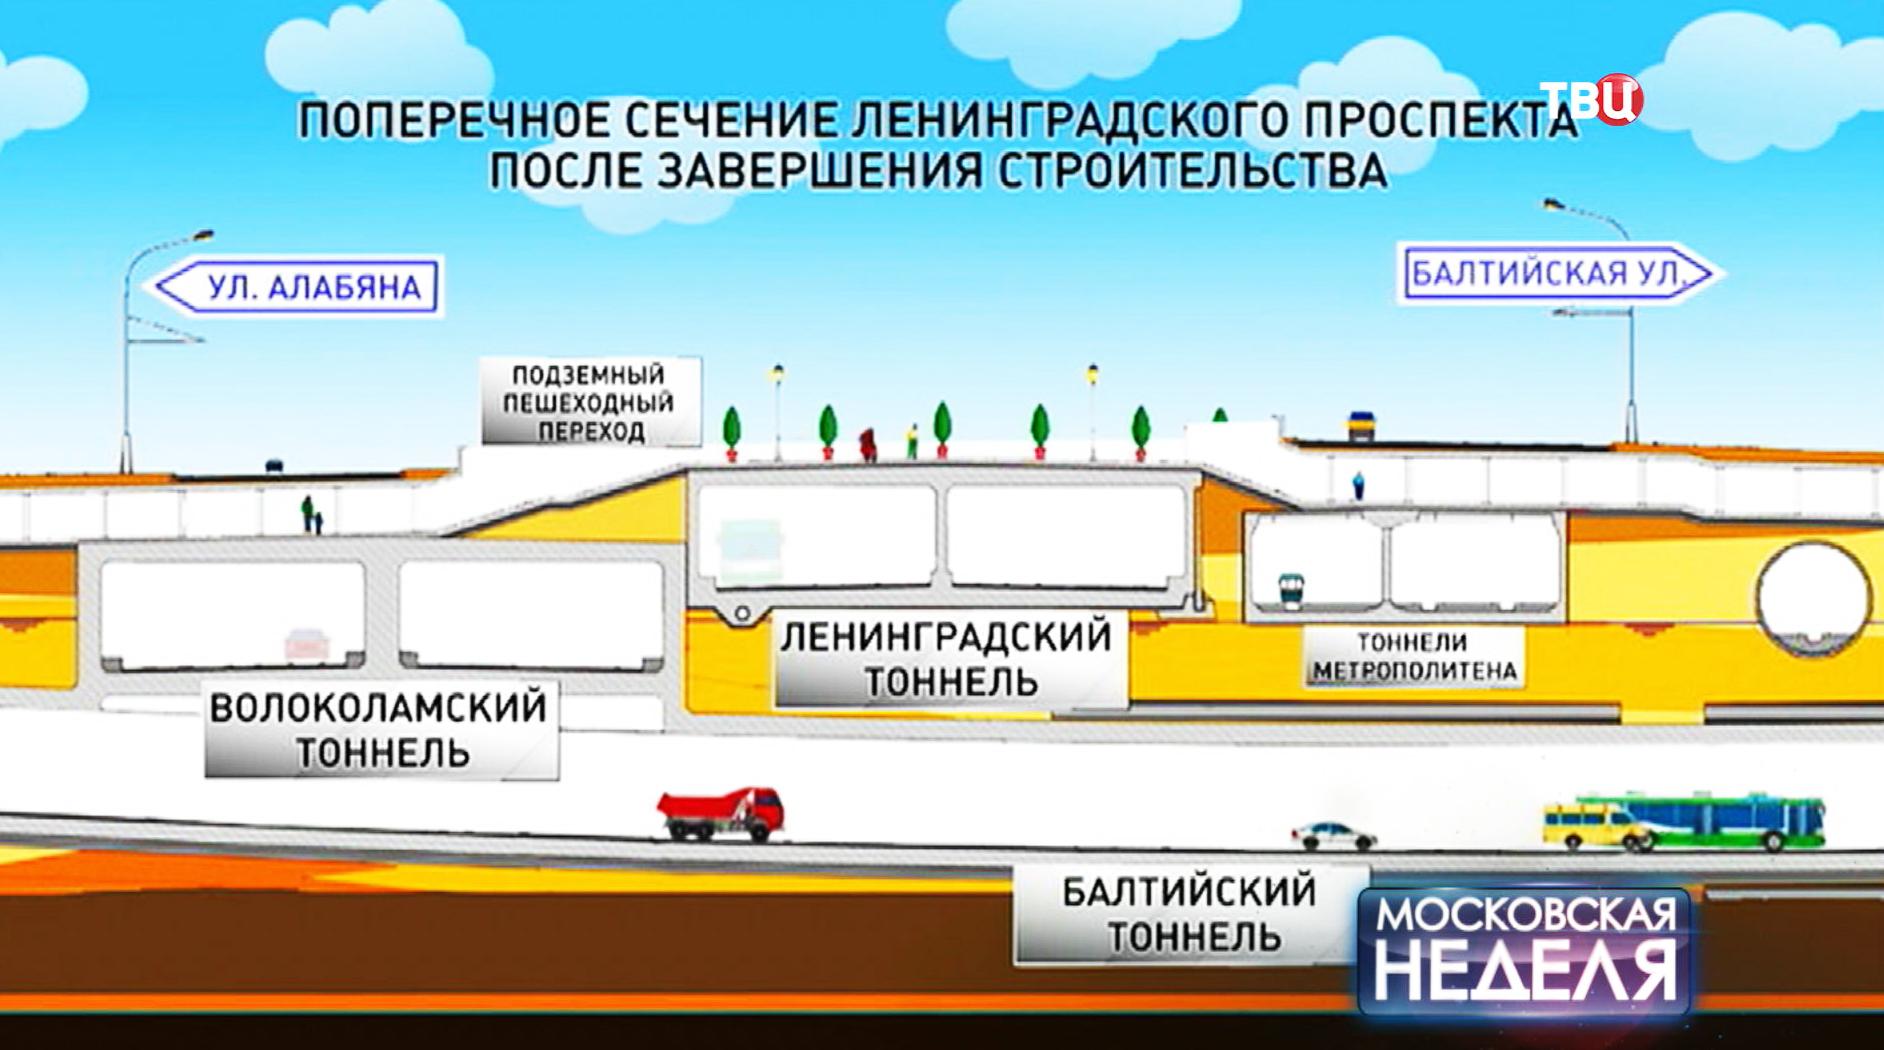 Поперечное сечение Ленинградского проспекта после завершения строительства